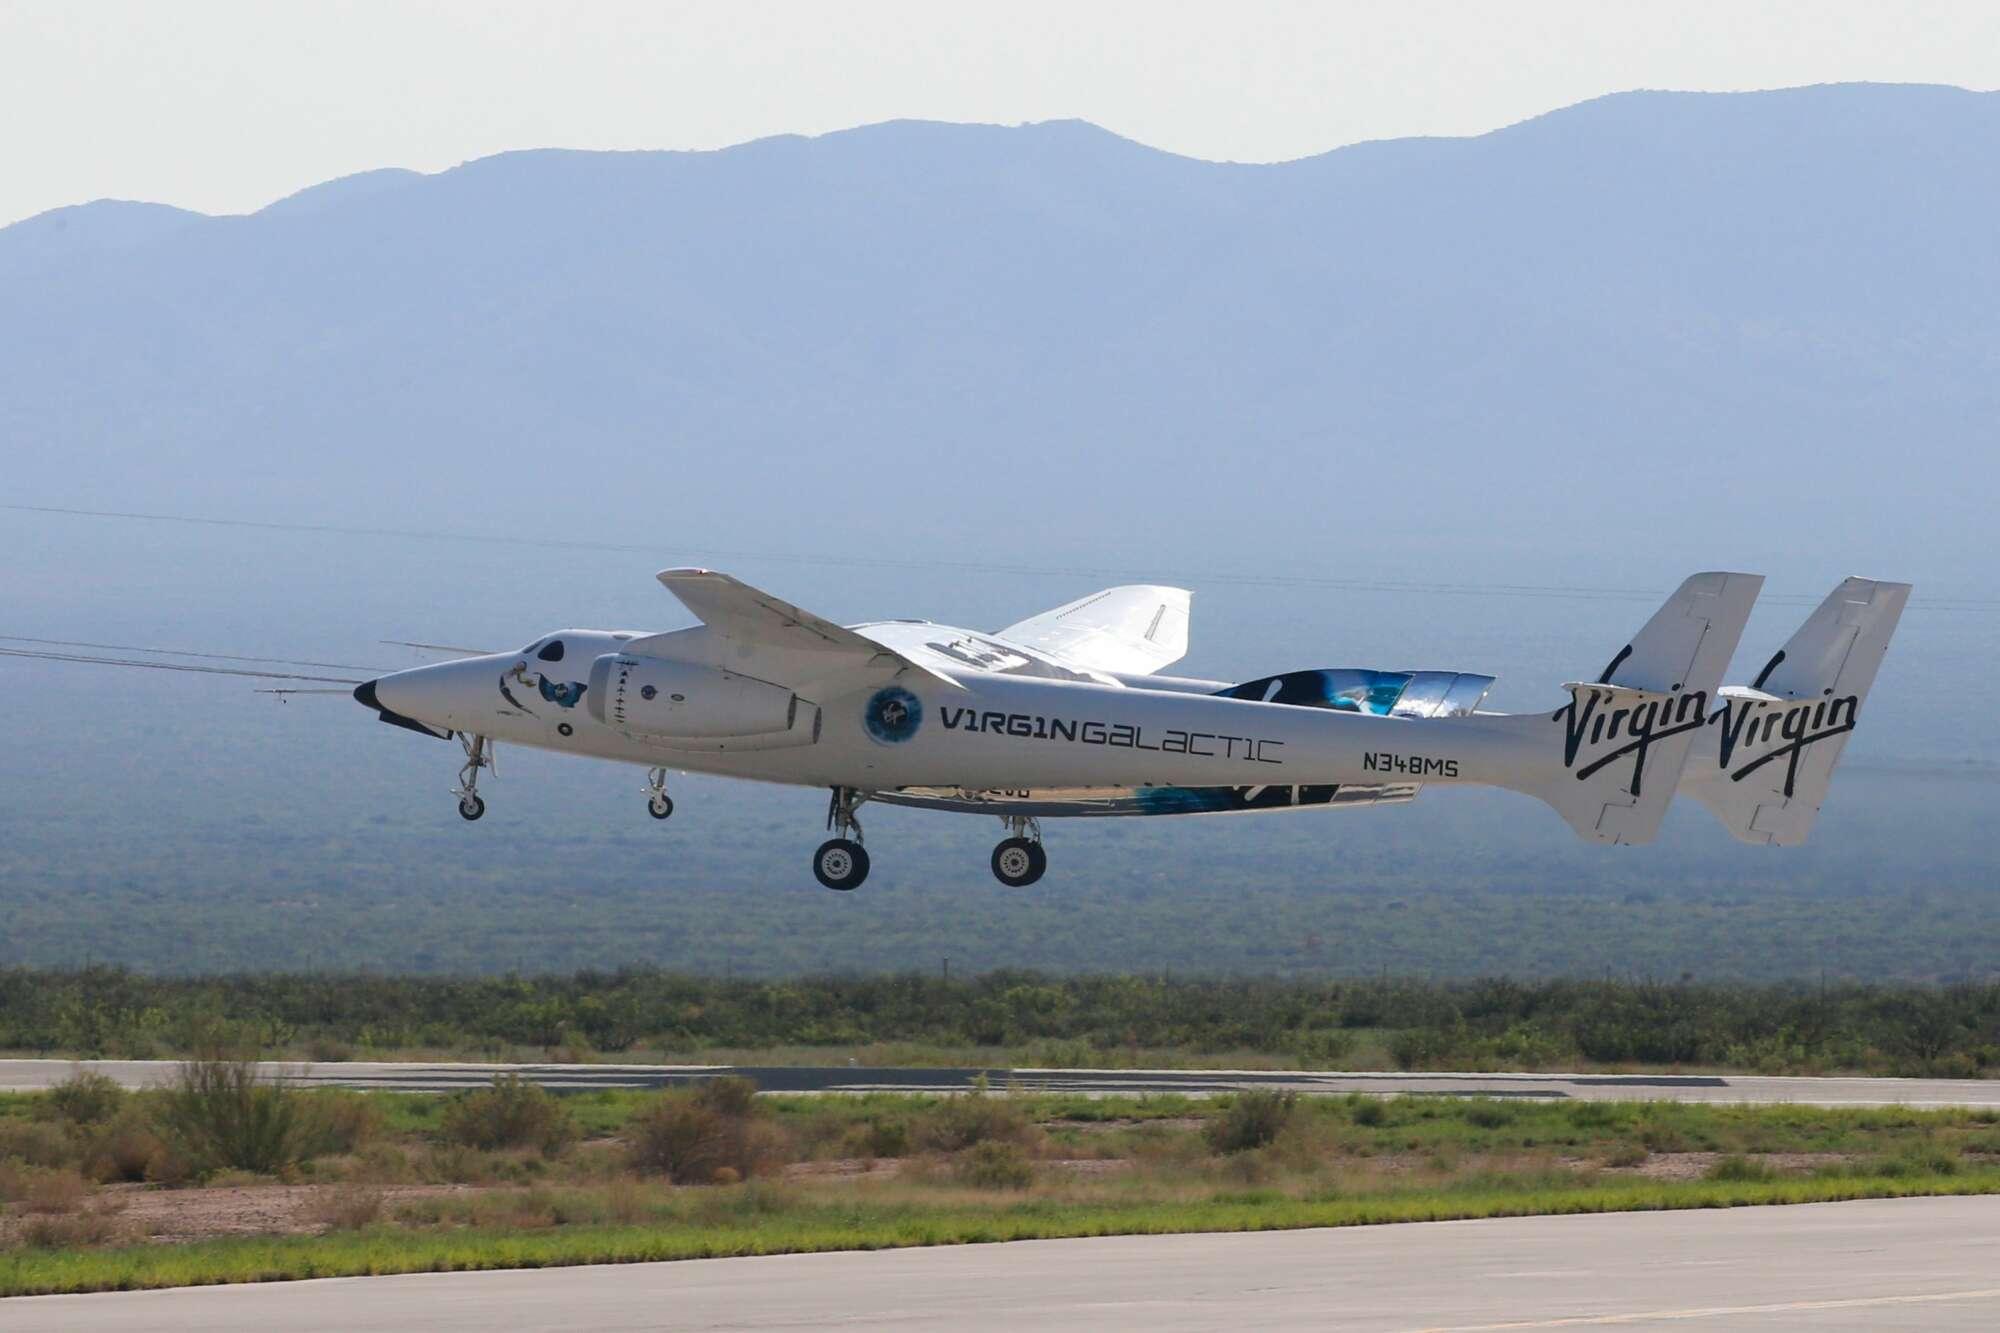 Αρχίζει η πρώτη τουριστική πτήση προς το Διάστημα. Το Unity απογειώνεται στην αγκαλιά του μητρικού αεροσκάφους...